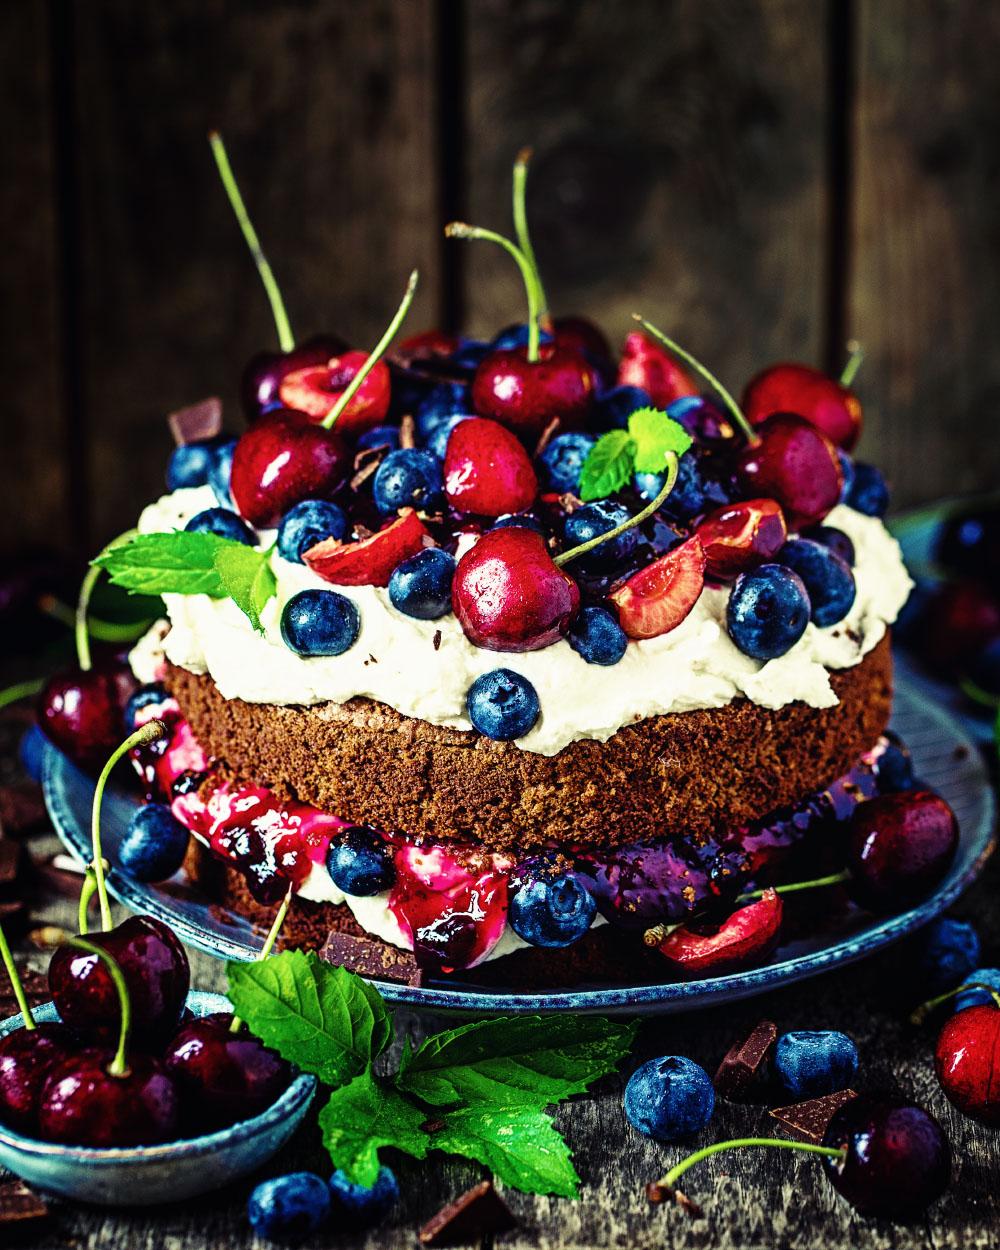 Schokoladen Sommerfrucht Torte einfaches Rezept glutenfrei